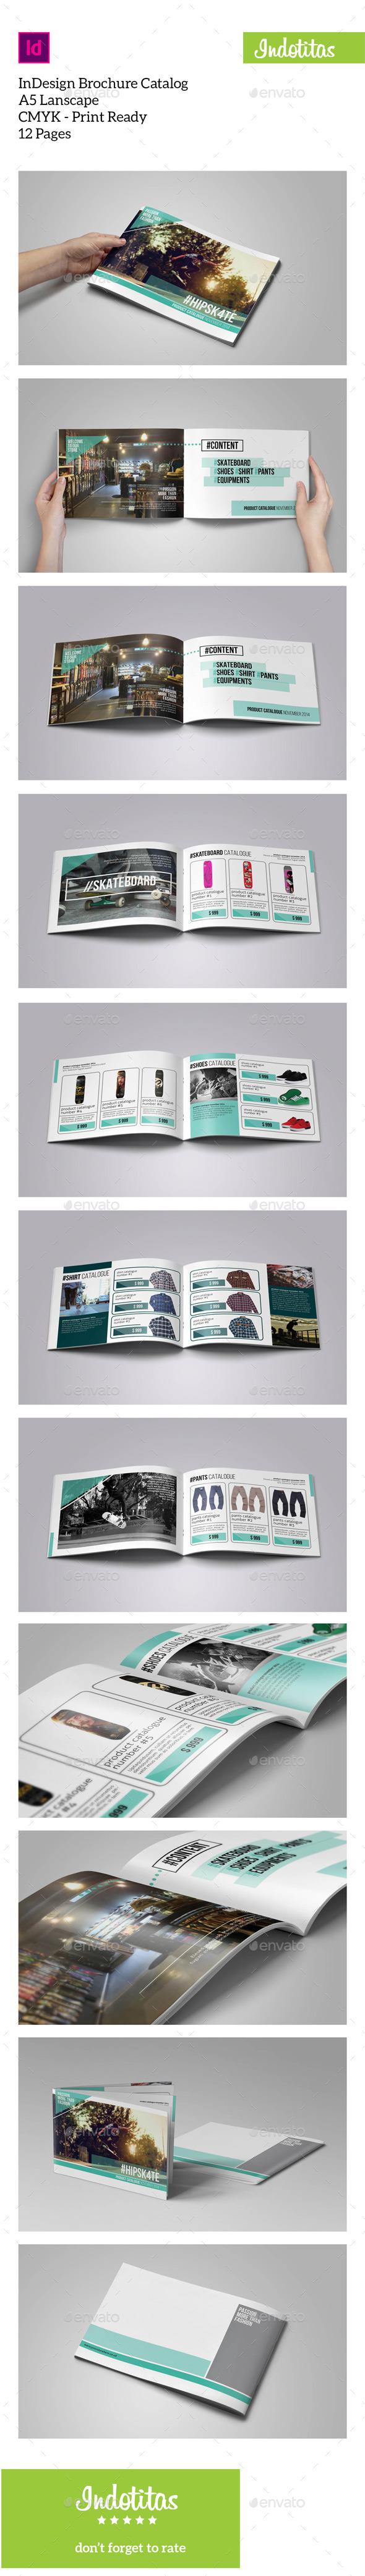 GraphicRiver Brochure Catalogs A5 Lanscape 9452399